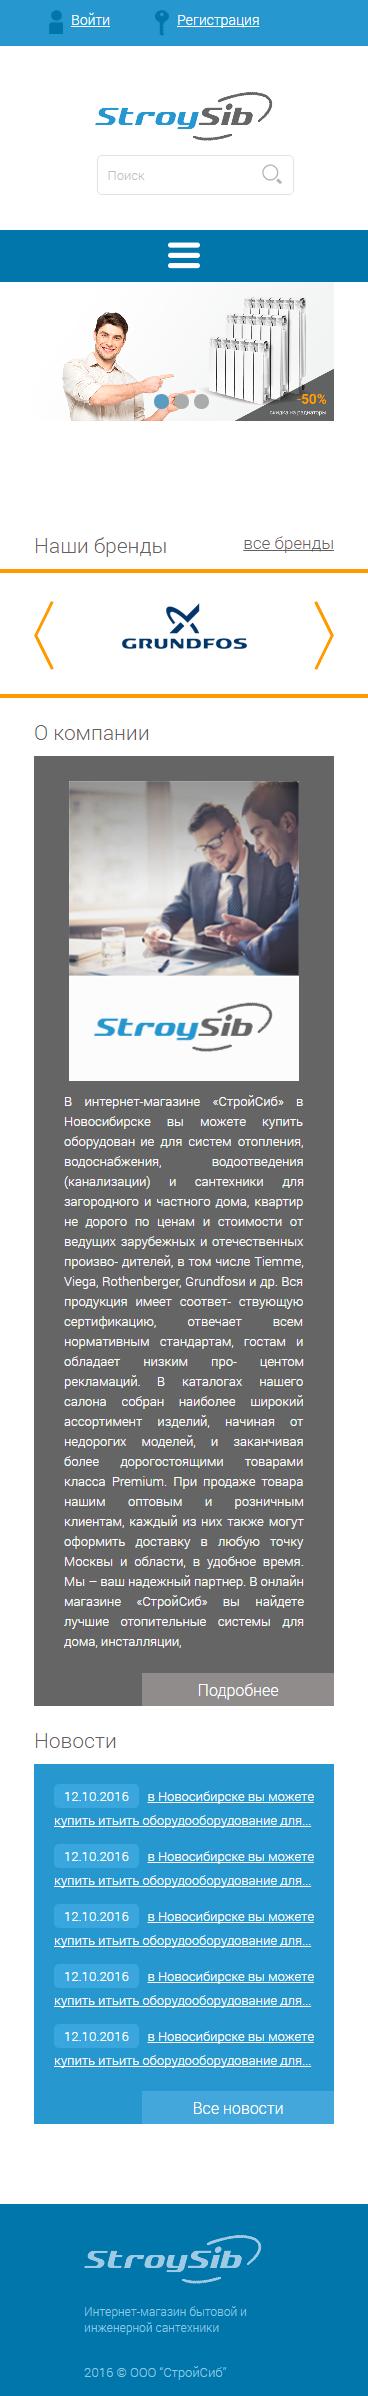 Stroy Sib